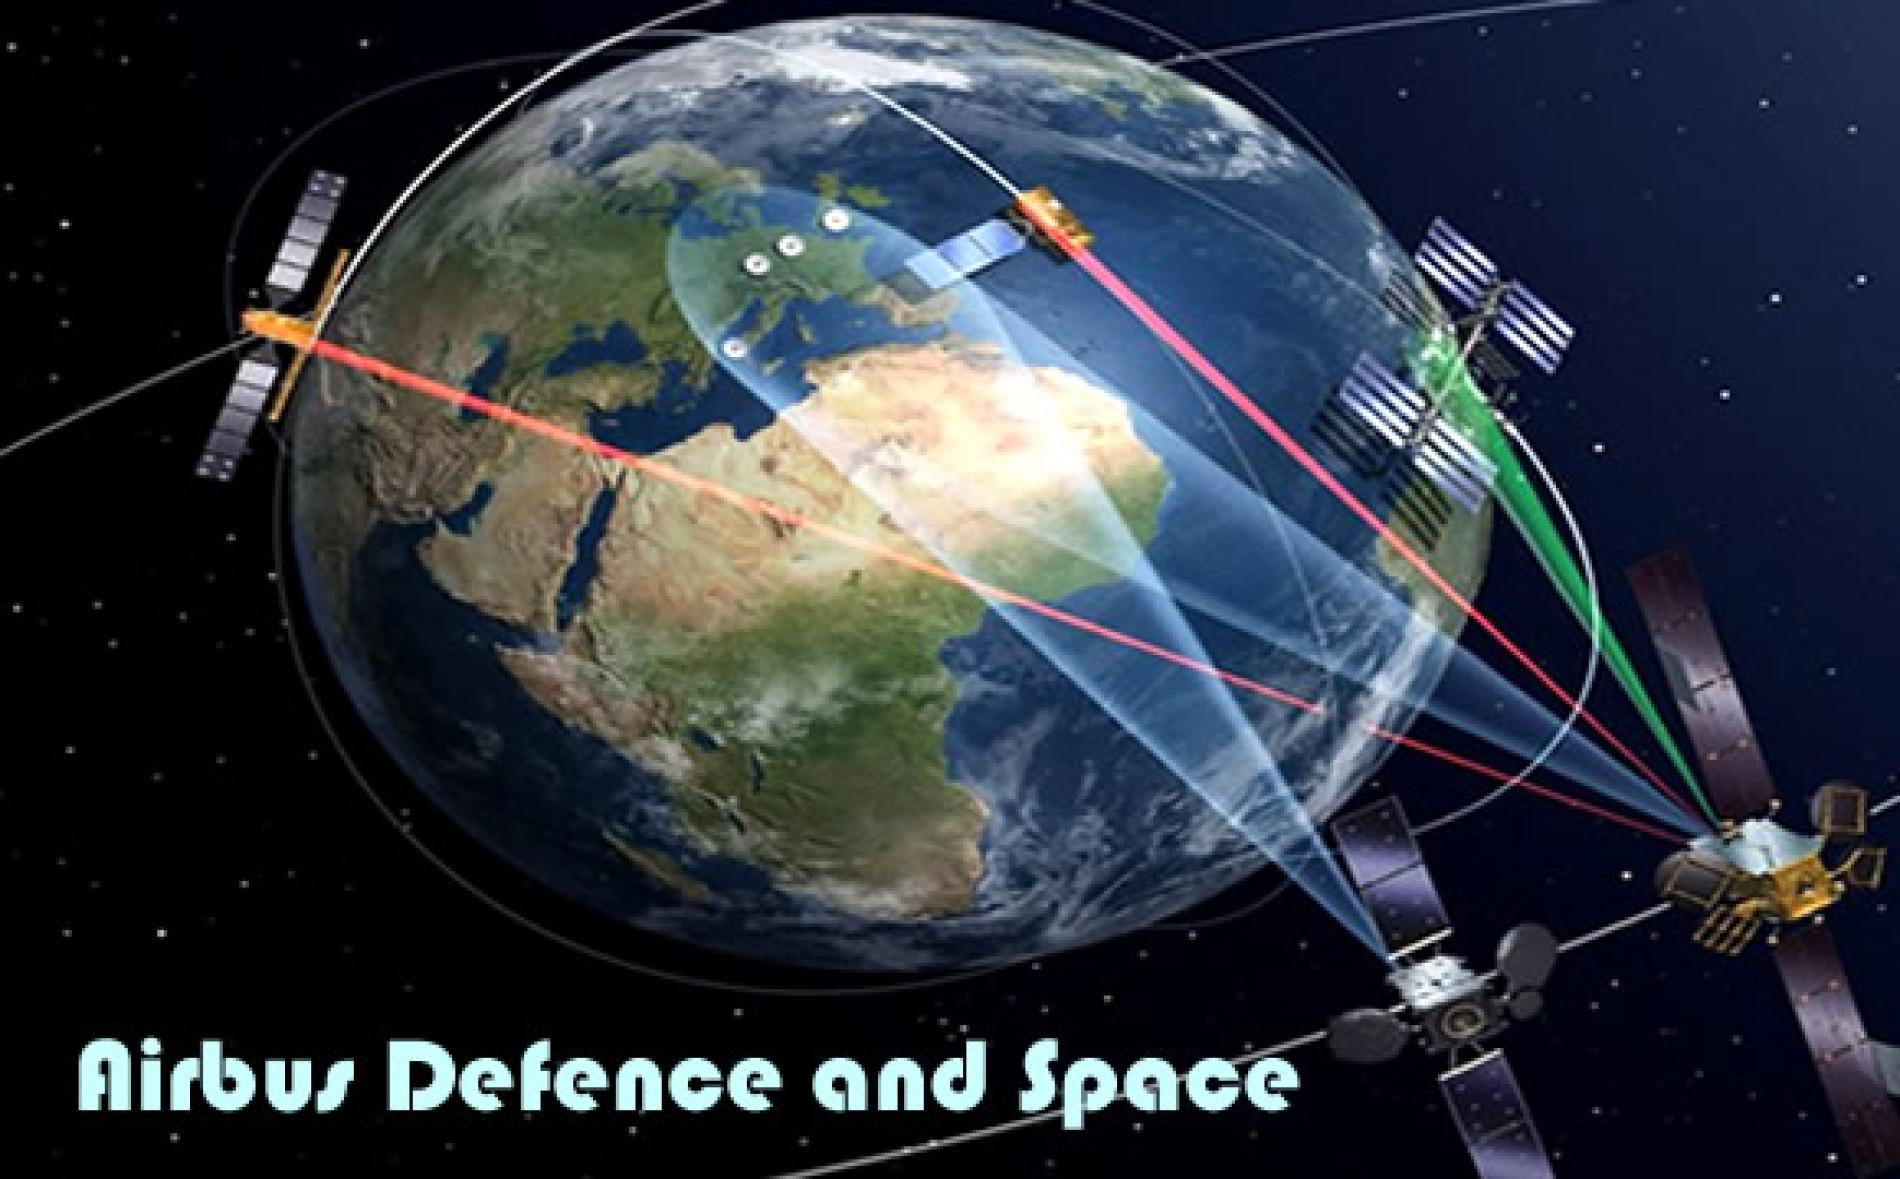 Internet do espaço via raio laser de 1,8 Gbps da SpaceDataHighway